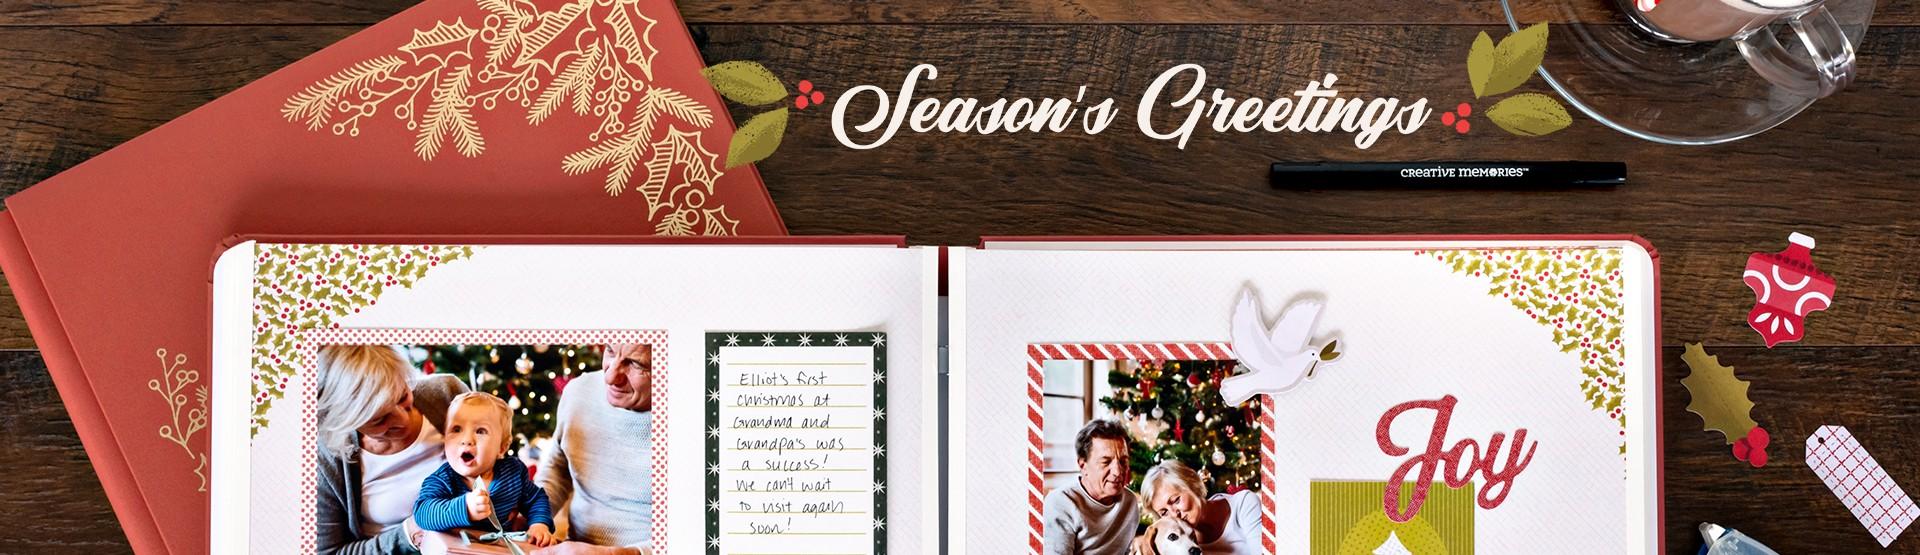 Christmas & Holidays: Season's Greetings